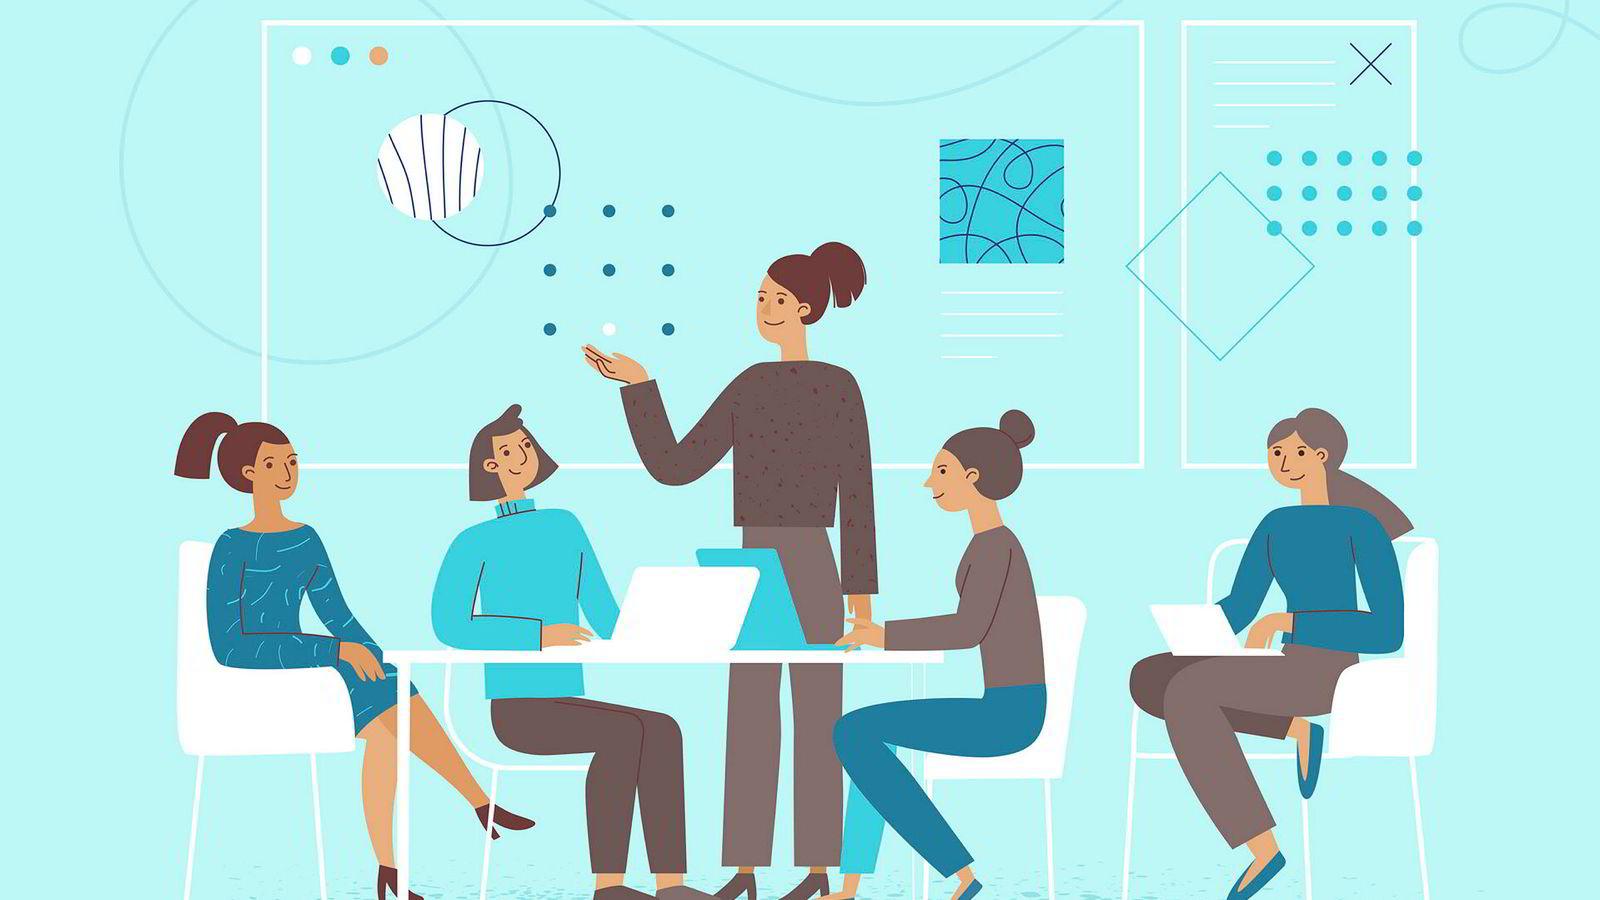 Kulturdepartementet presenterte i forrige uke ut med en handlingsplan for kvinnelige gründere. Departementet ønsker større mangfold av oppstartsbedrifter og flere kvinnelige entreprenører og investorer.